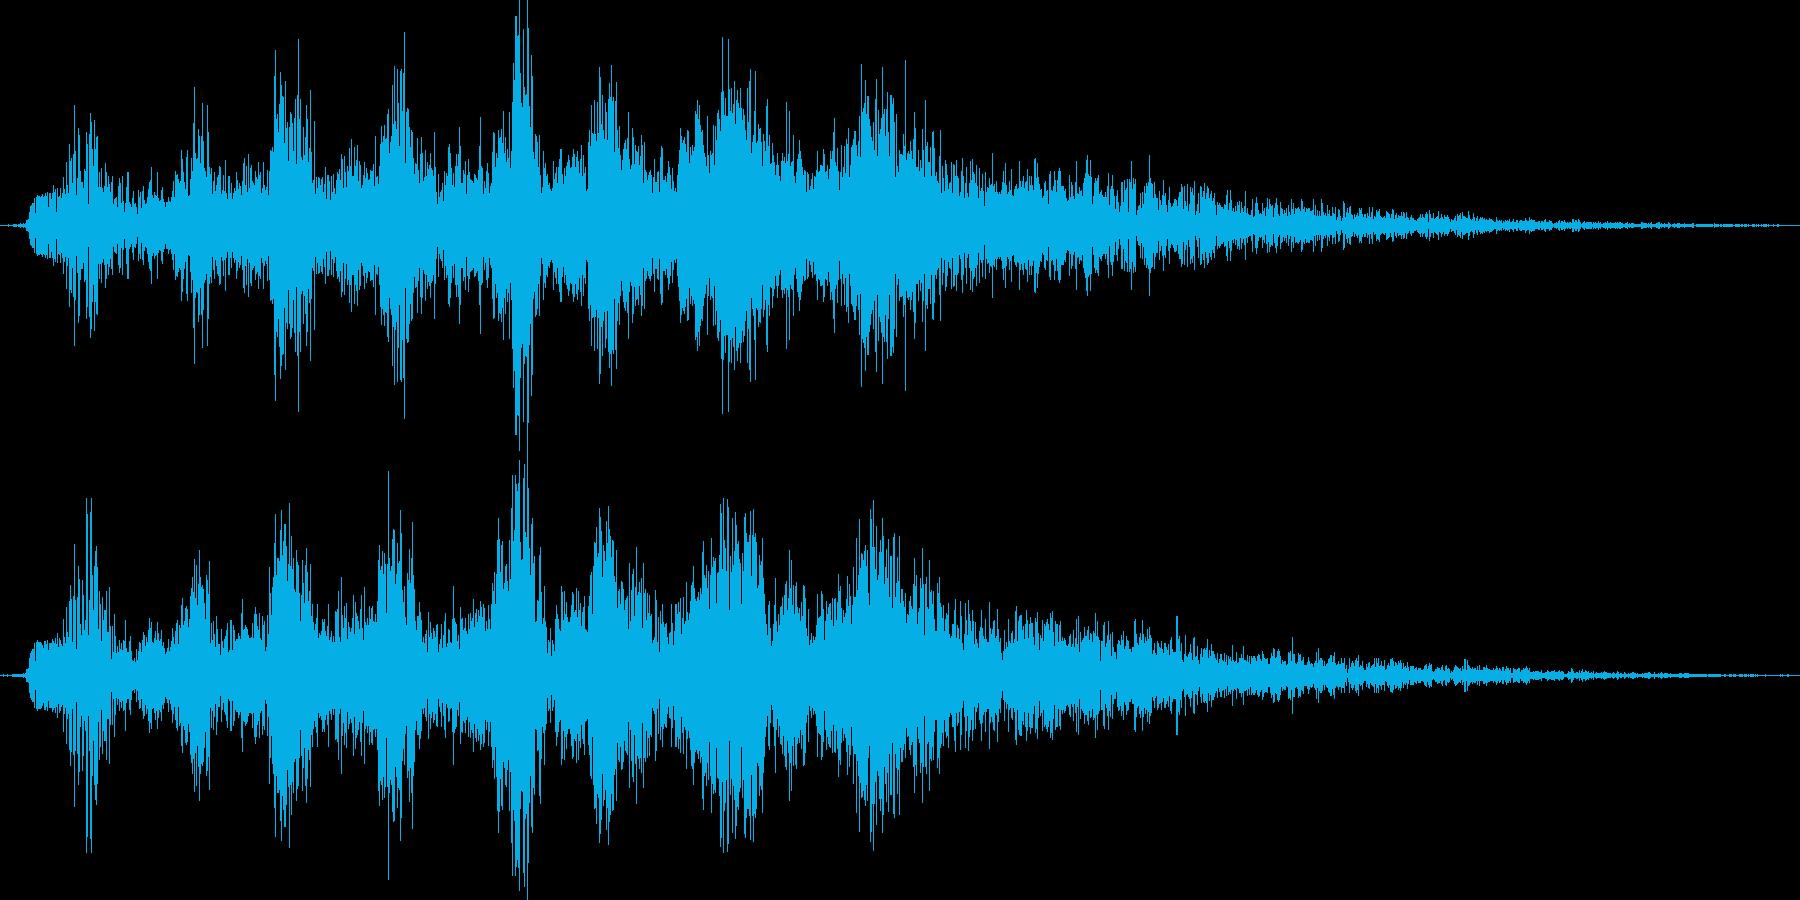 オリジナルのモンスターの鳴き声。妖精系の再生済みの波形